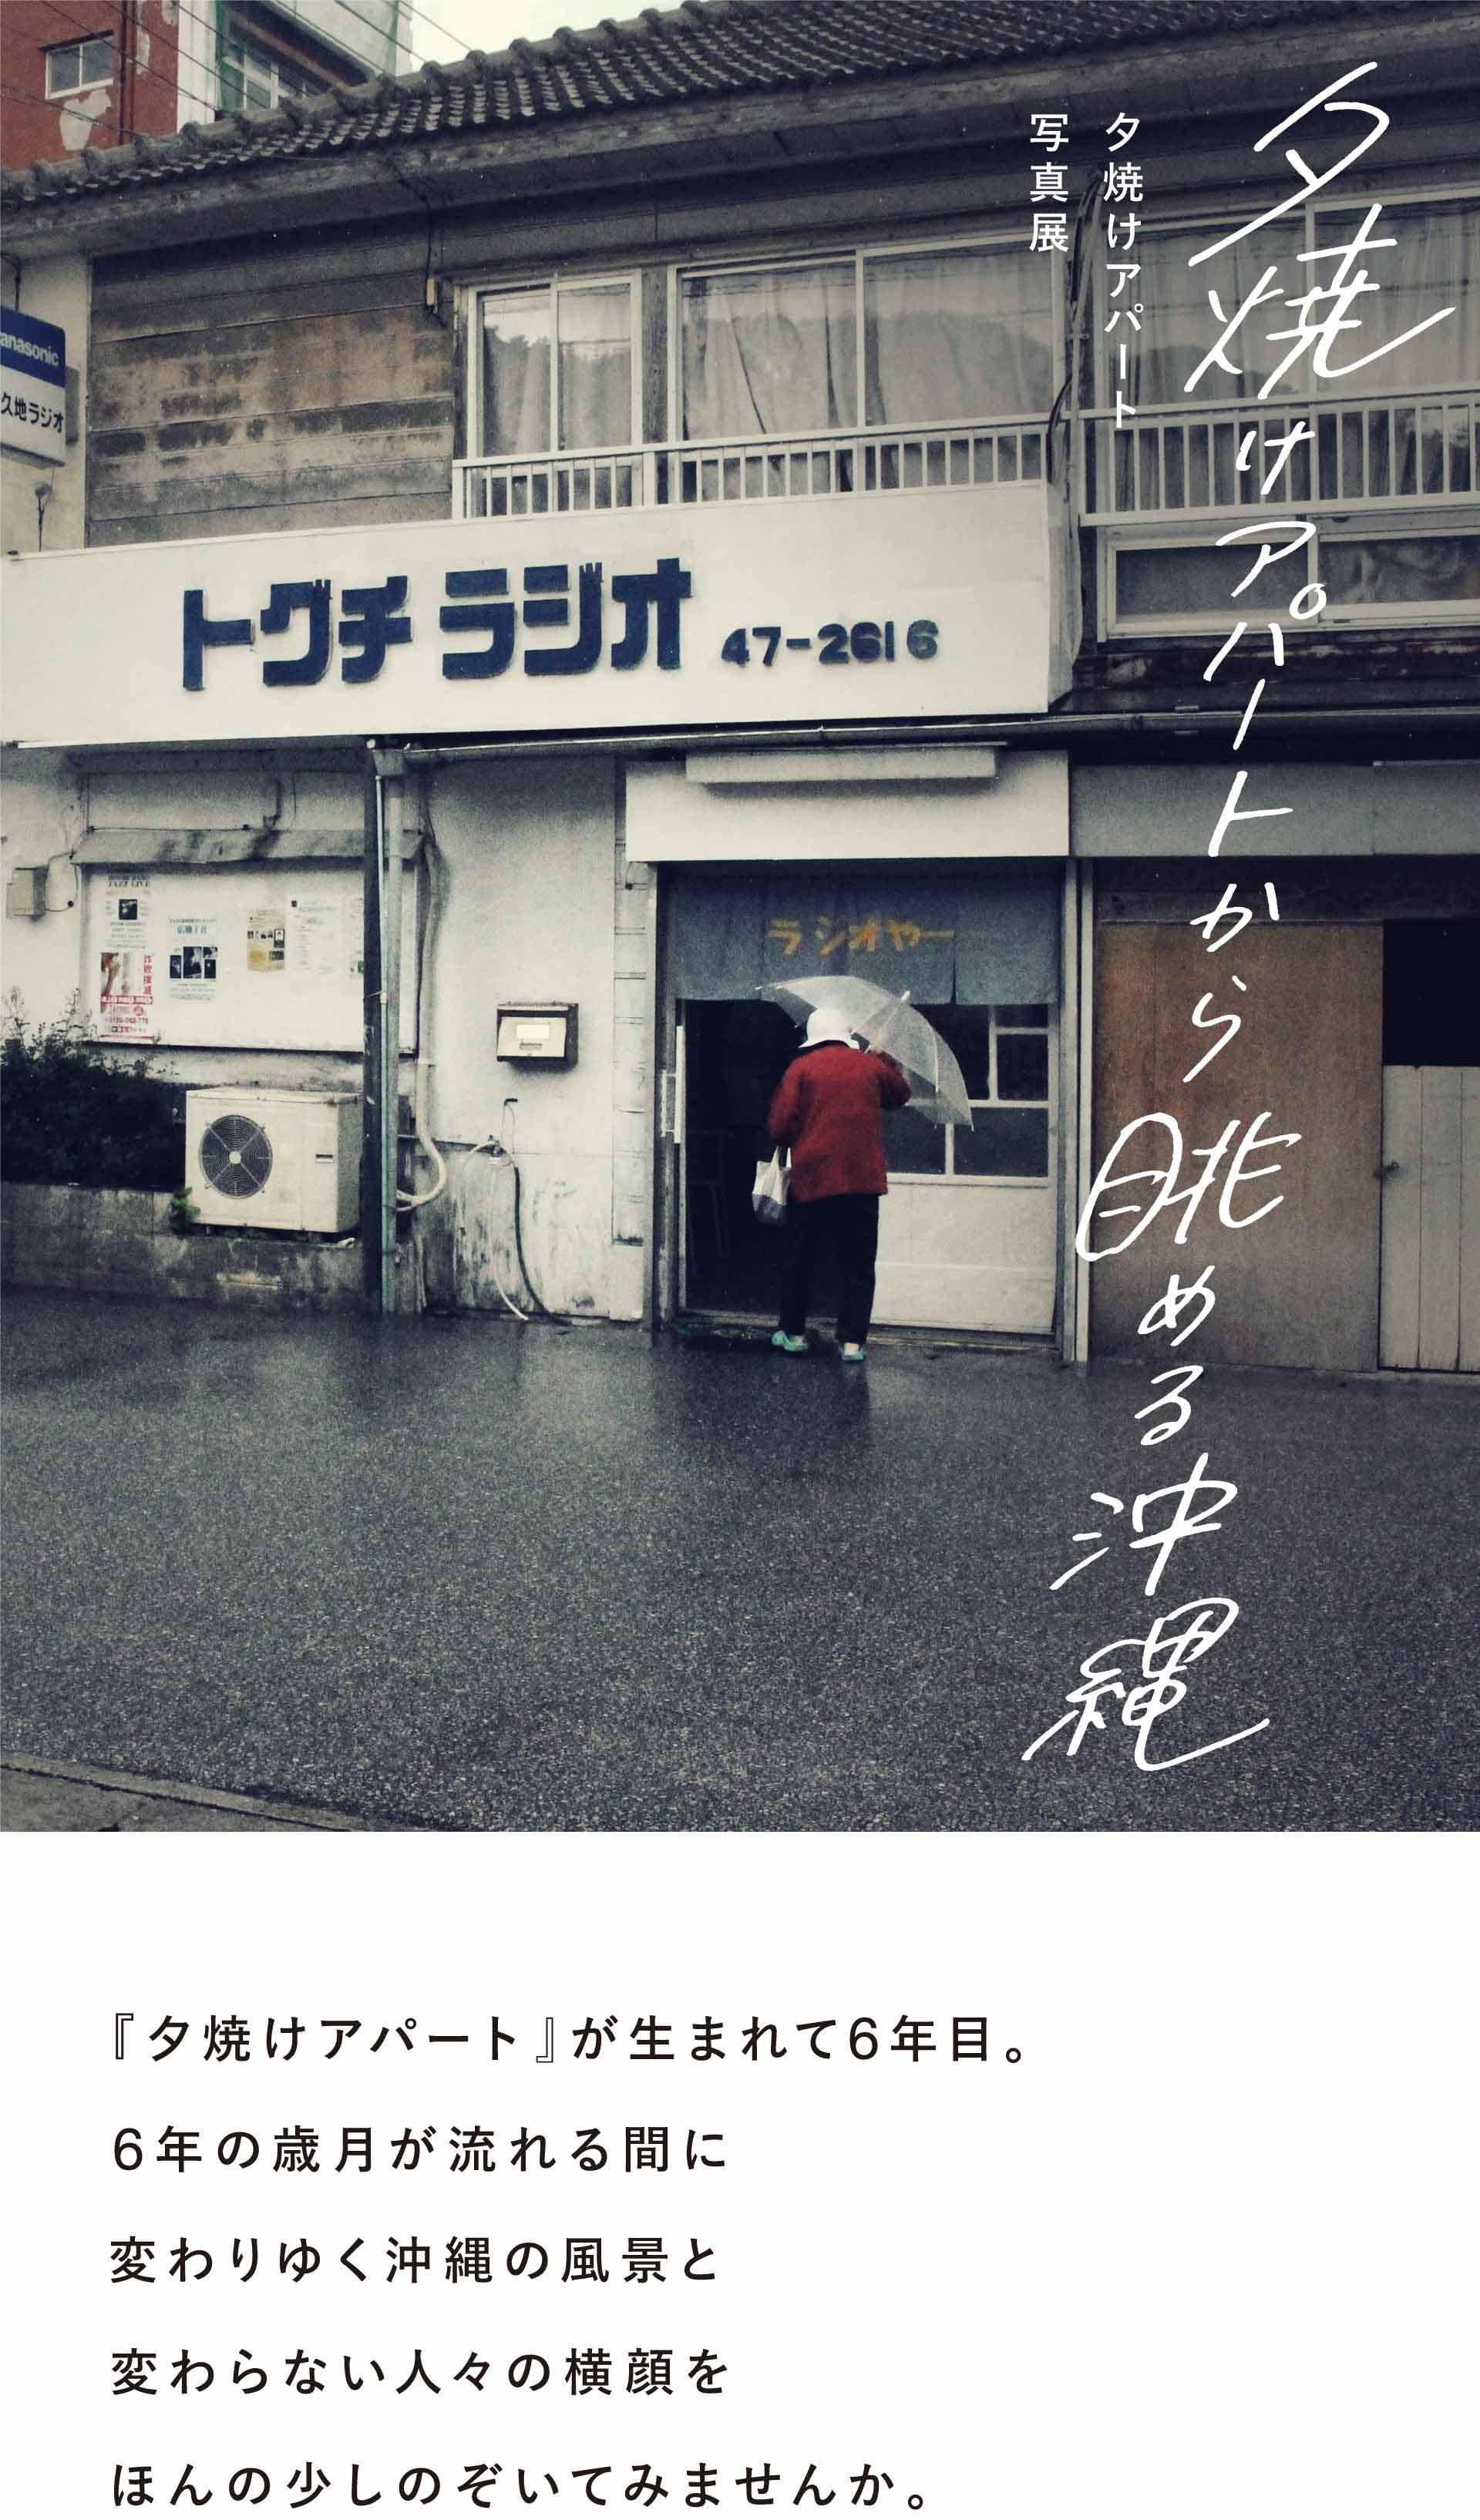 写真展 夕焼けアパートから眺める沖縄